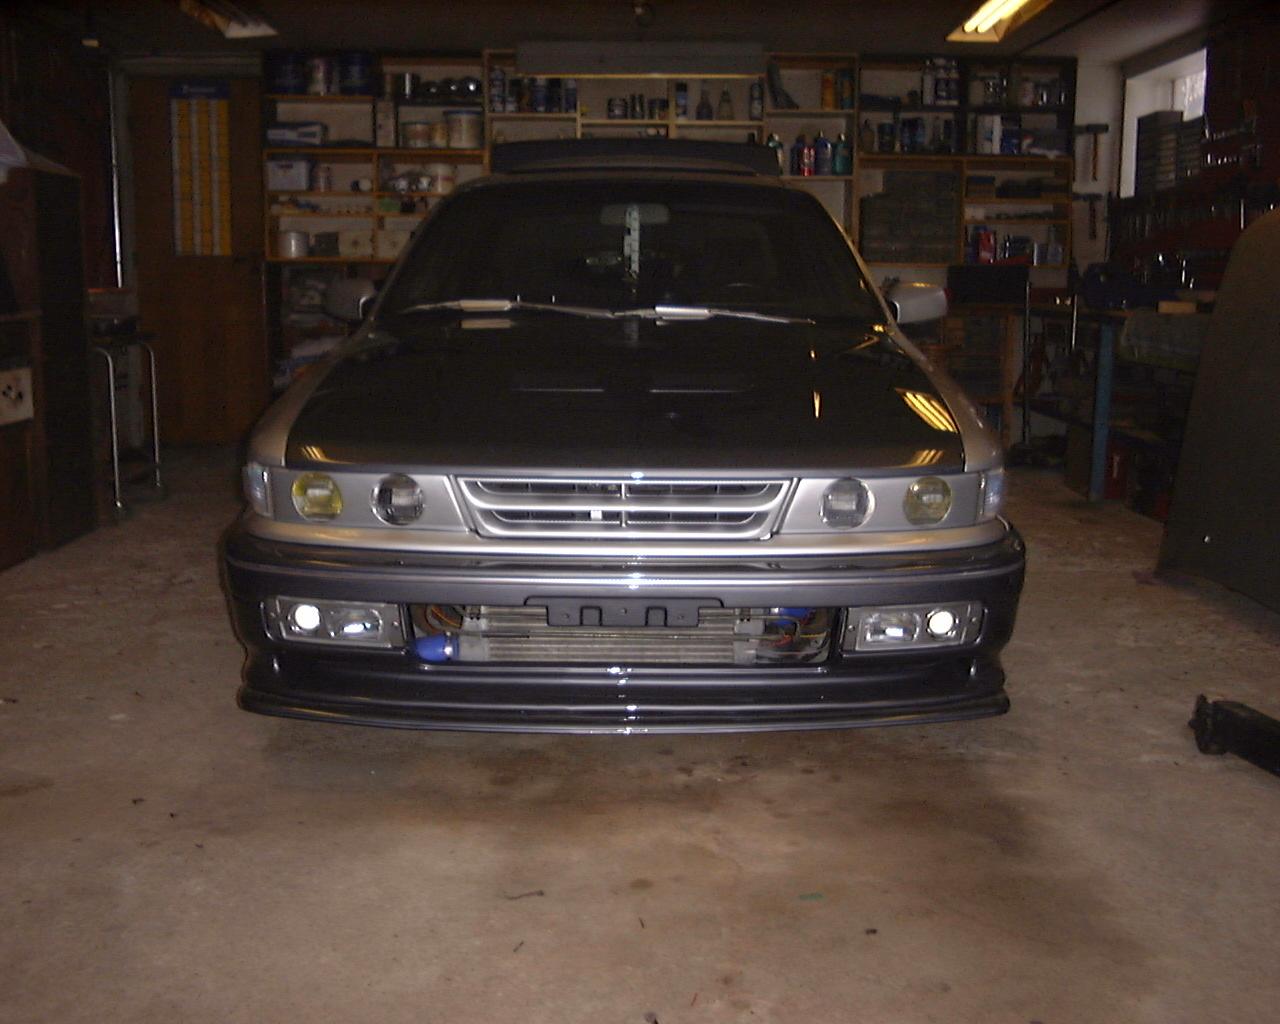 mit-nye-projekt-i-2006-55